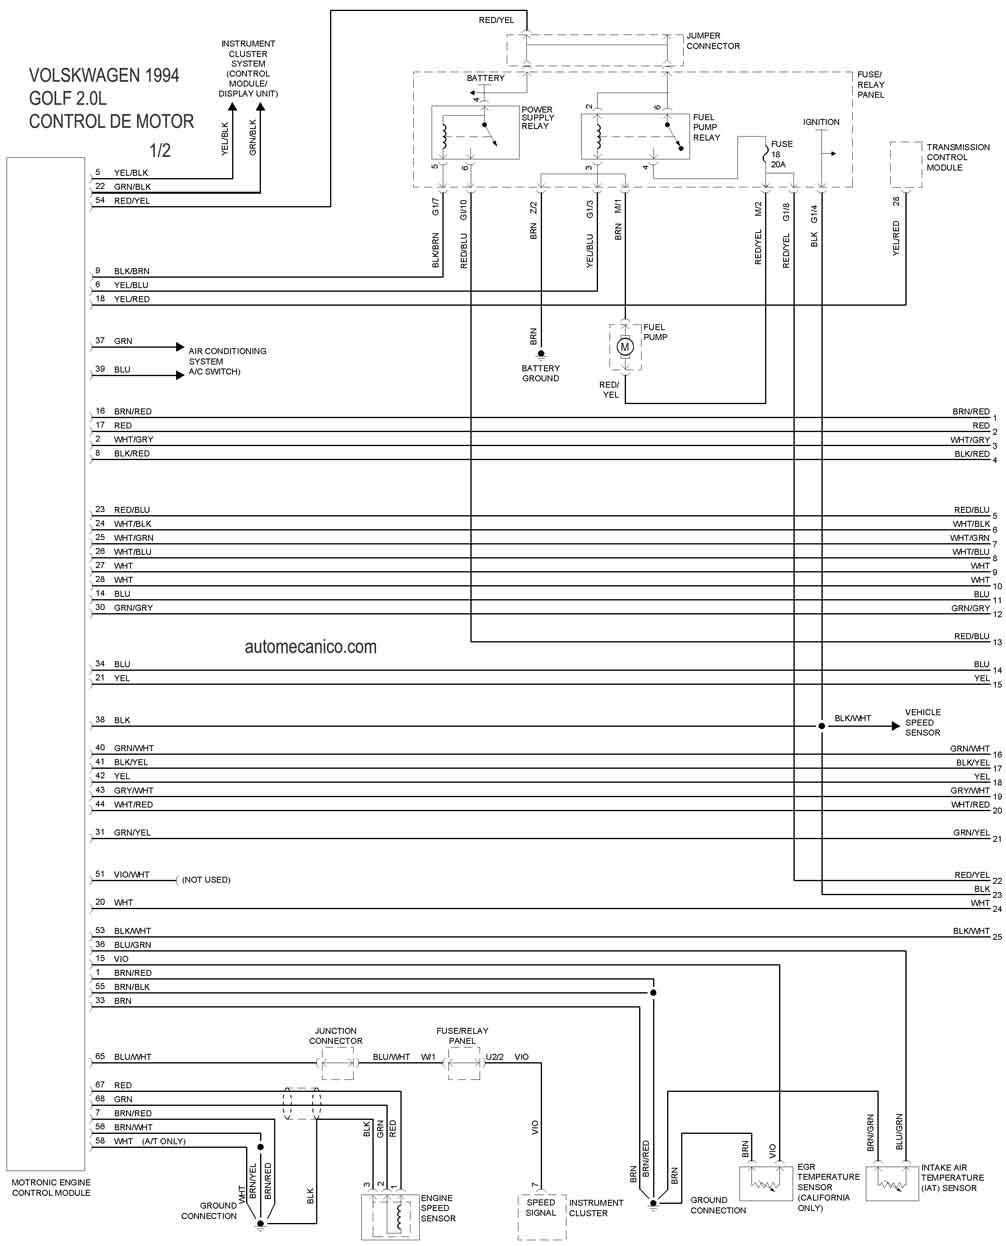 Diagrama de control de motor 1/2 1994